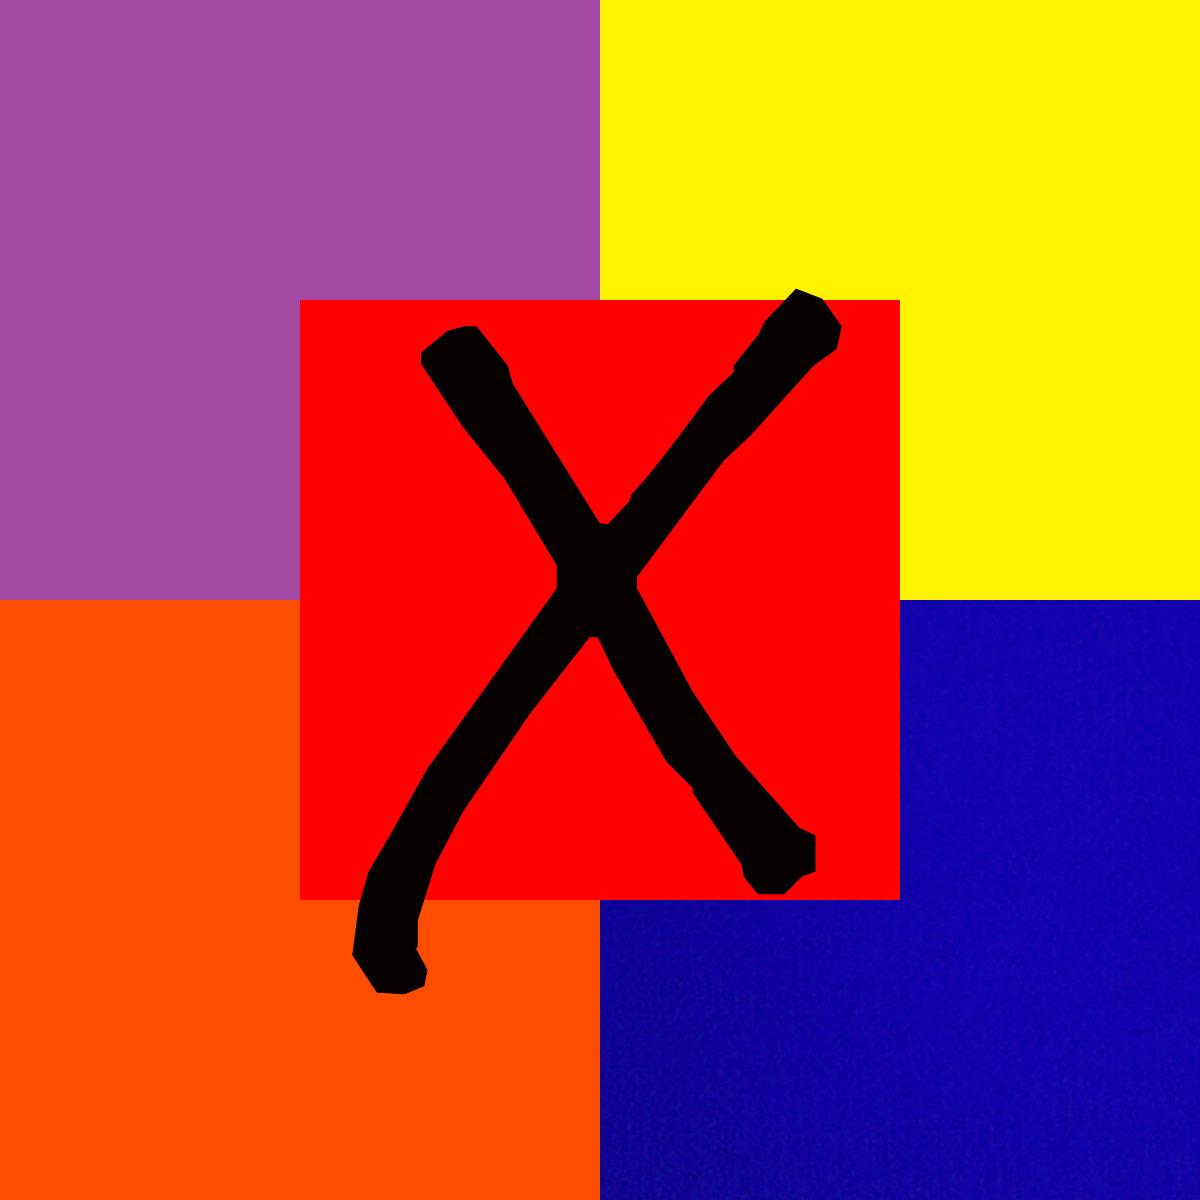 Colori Che Stanno Bene Insieme come abbinare i colori? ecco tutte le combinazioni possibili!